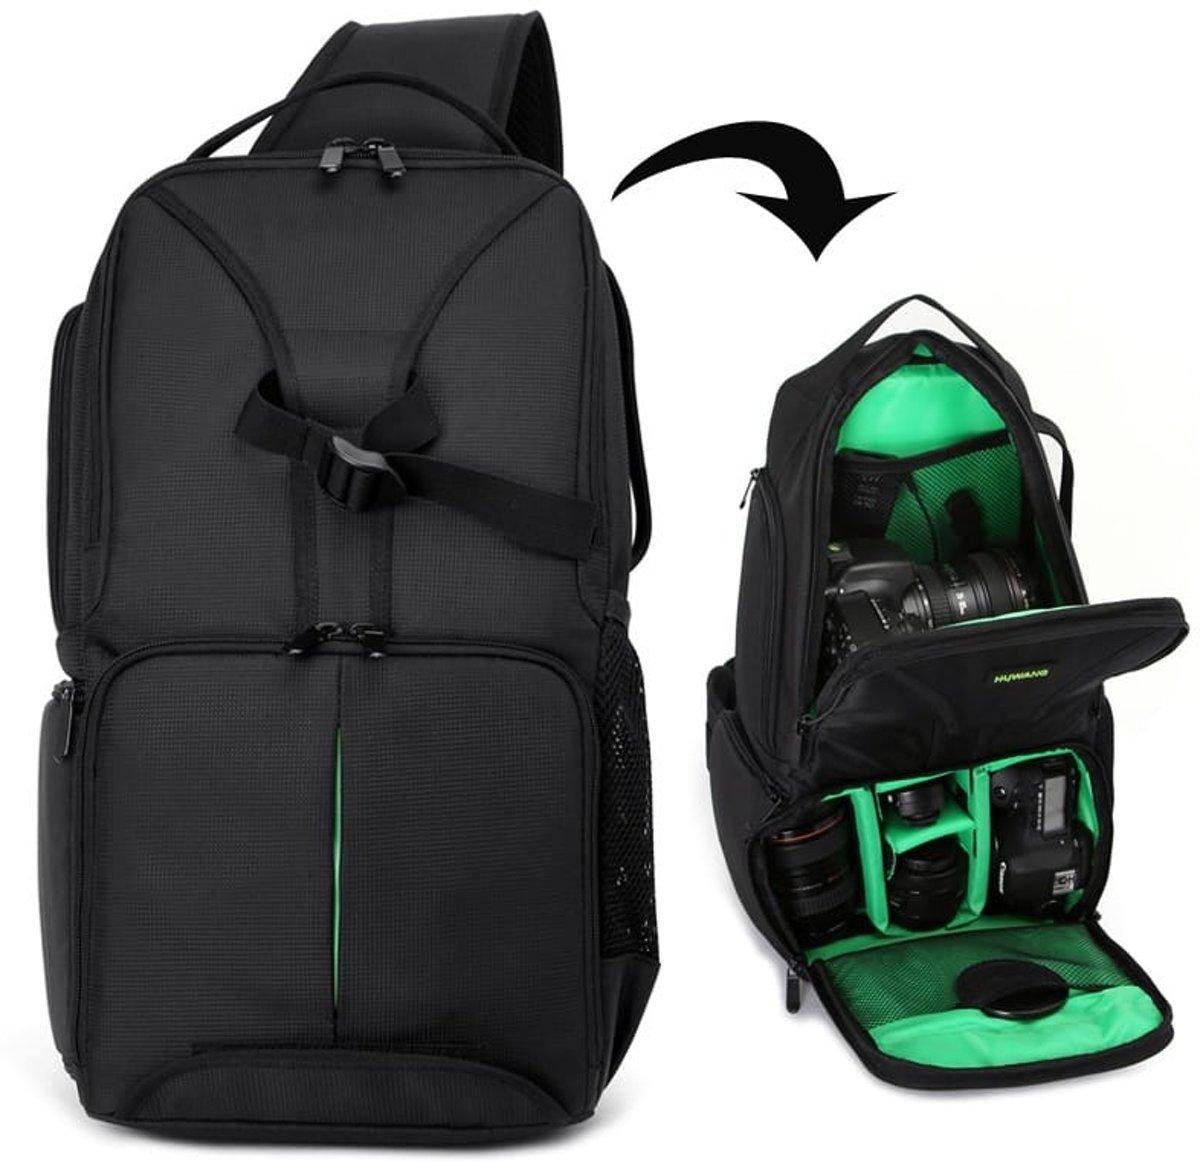 HUWANG Waterdichte schouderrugzak Gevulde schokbestendige cameratas Tas voor Nikon (groen) kopen